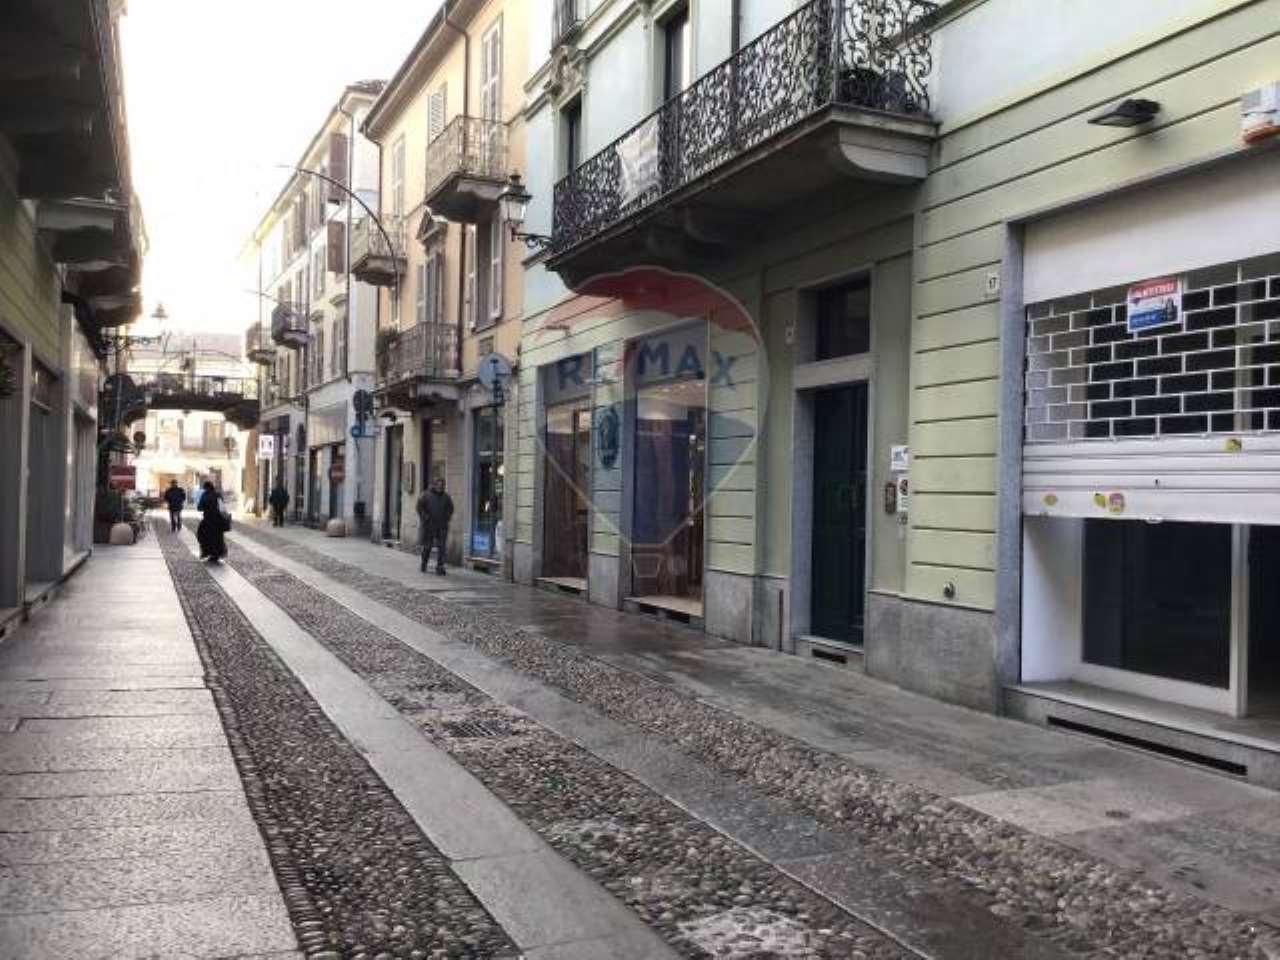 Negozio / Locale in affitto a Vercelli, 2 locali, prezzo € 600 | PortaleAgenzieImmobiliari.it